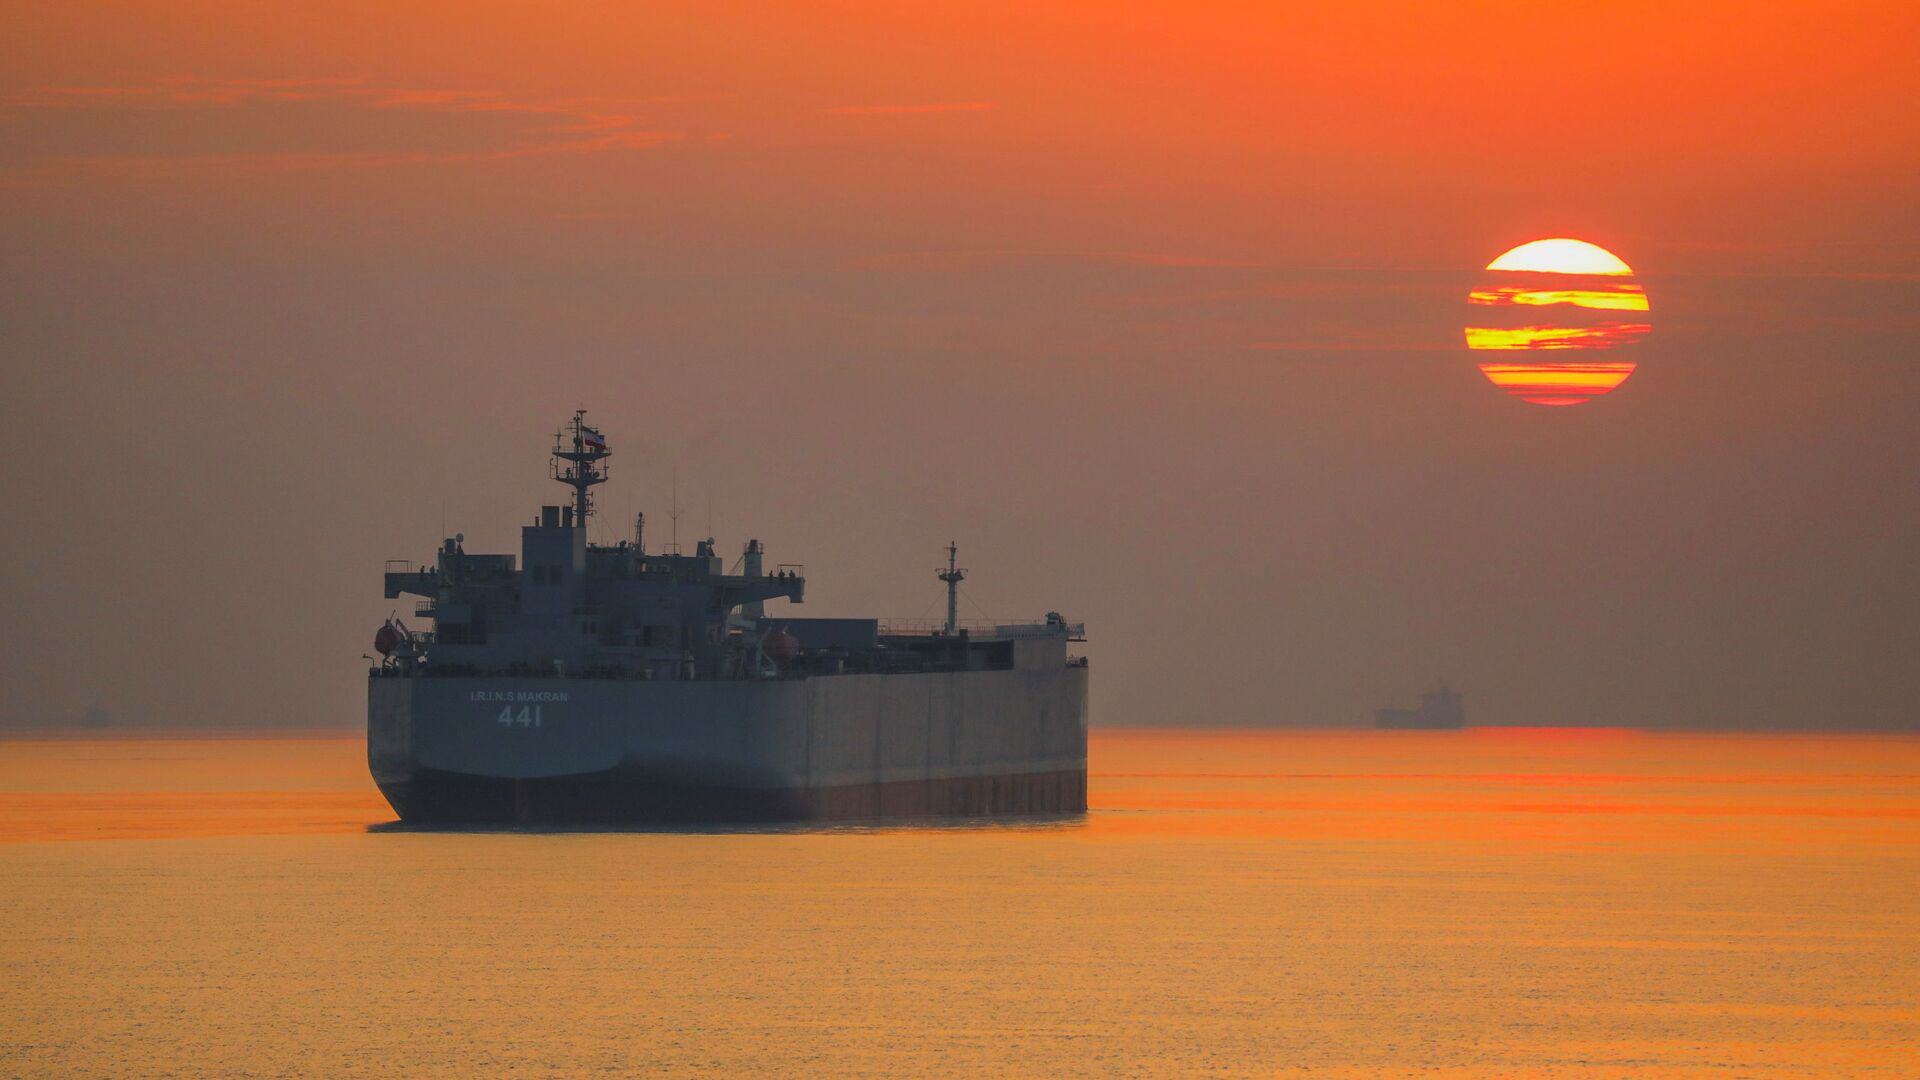 Un buque de Irán en las aguas del golfo de Omán - Sputnik Mundo, 1920, 07.04.2021